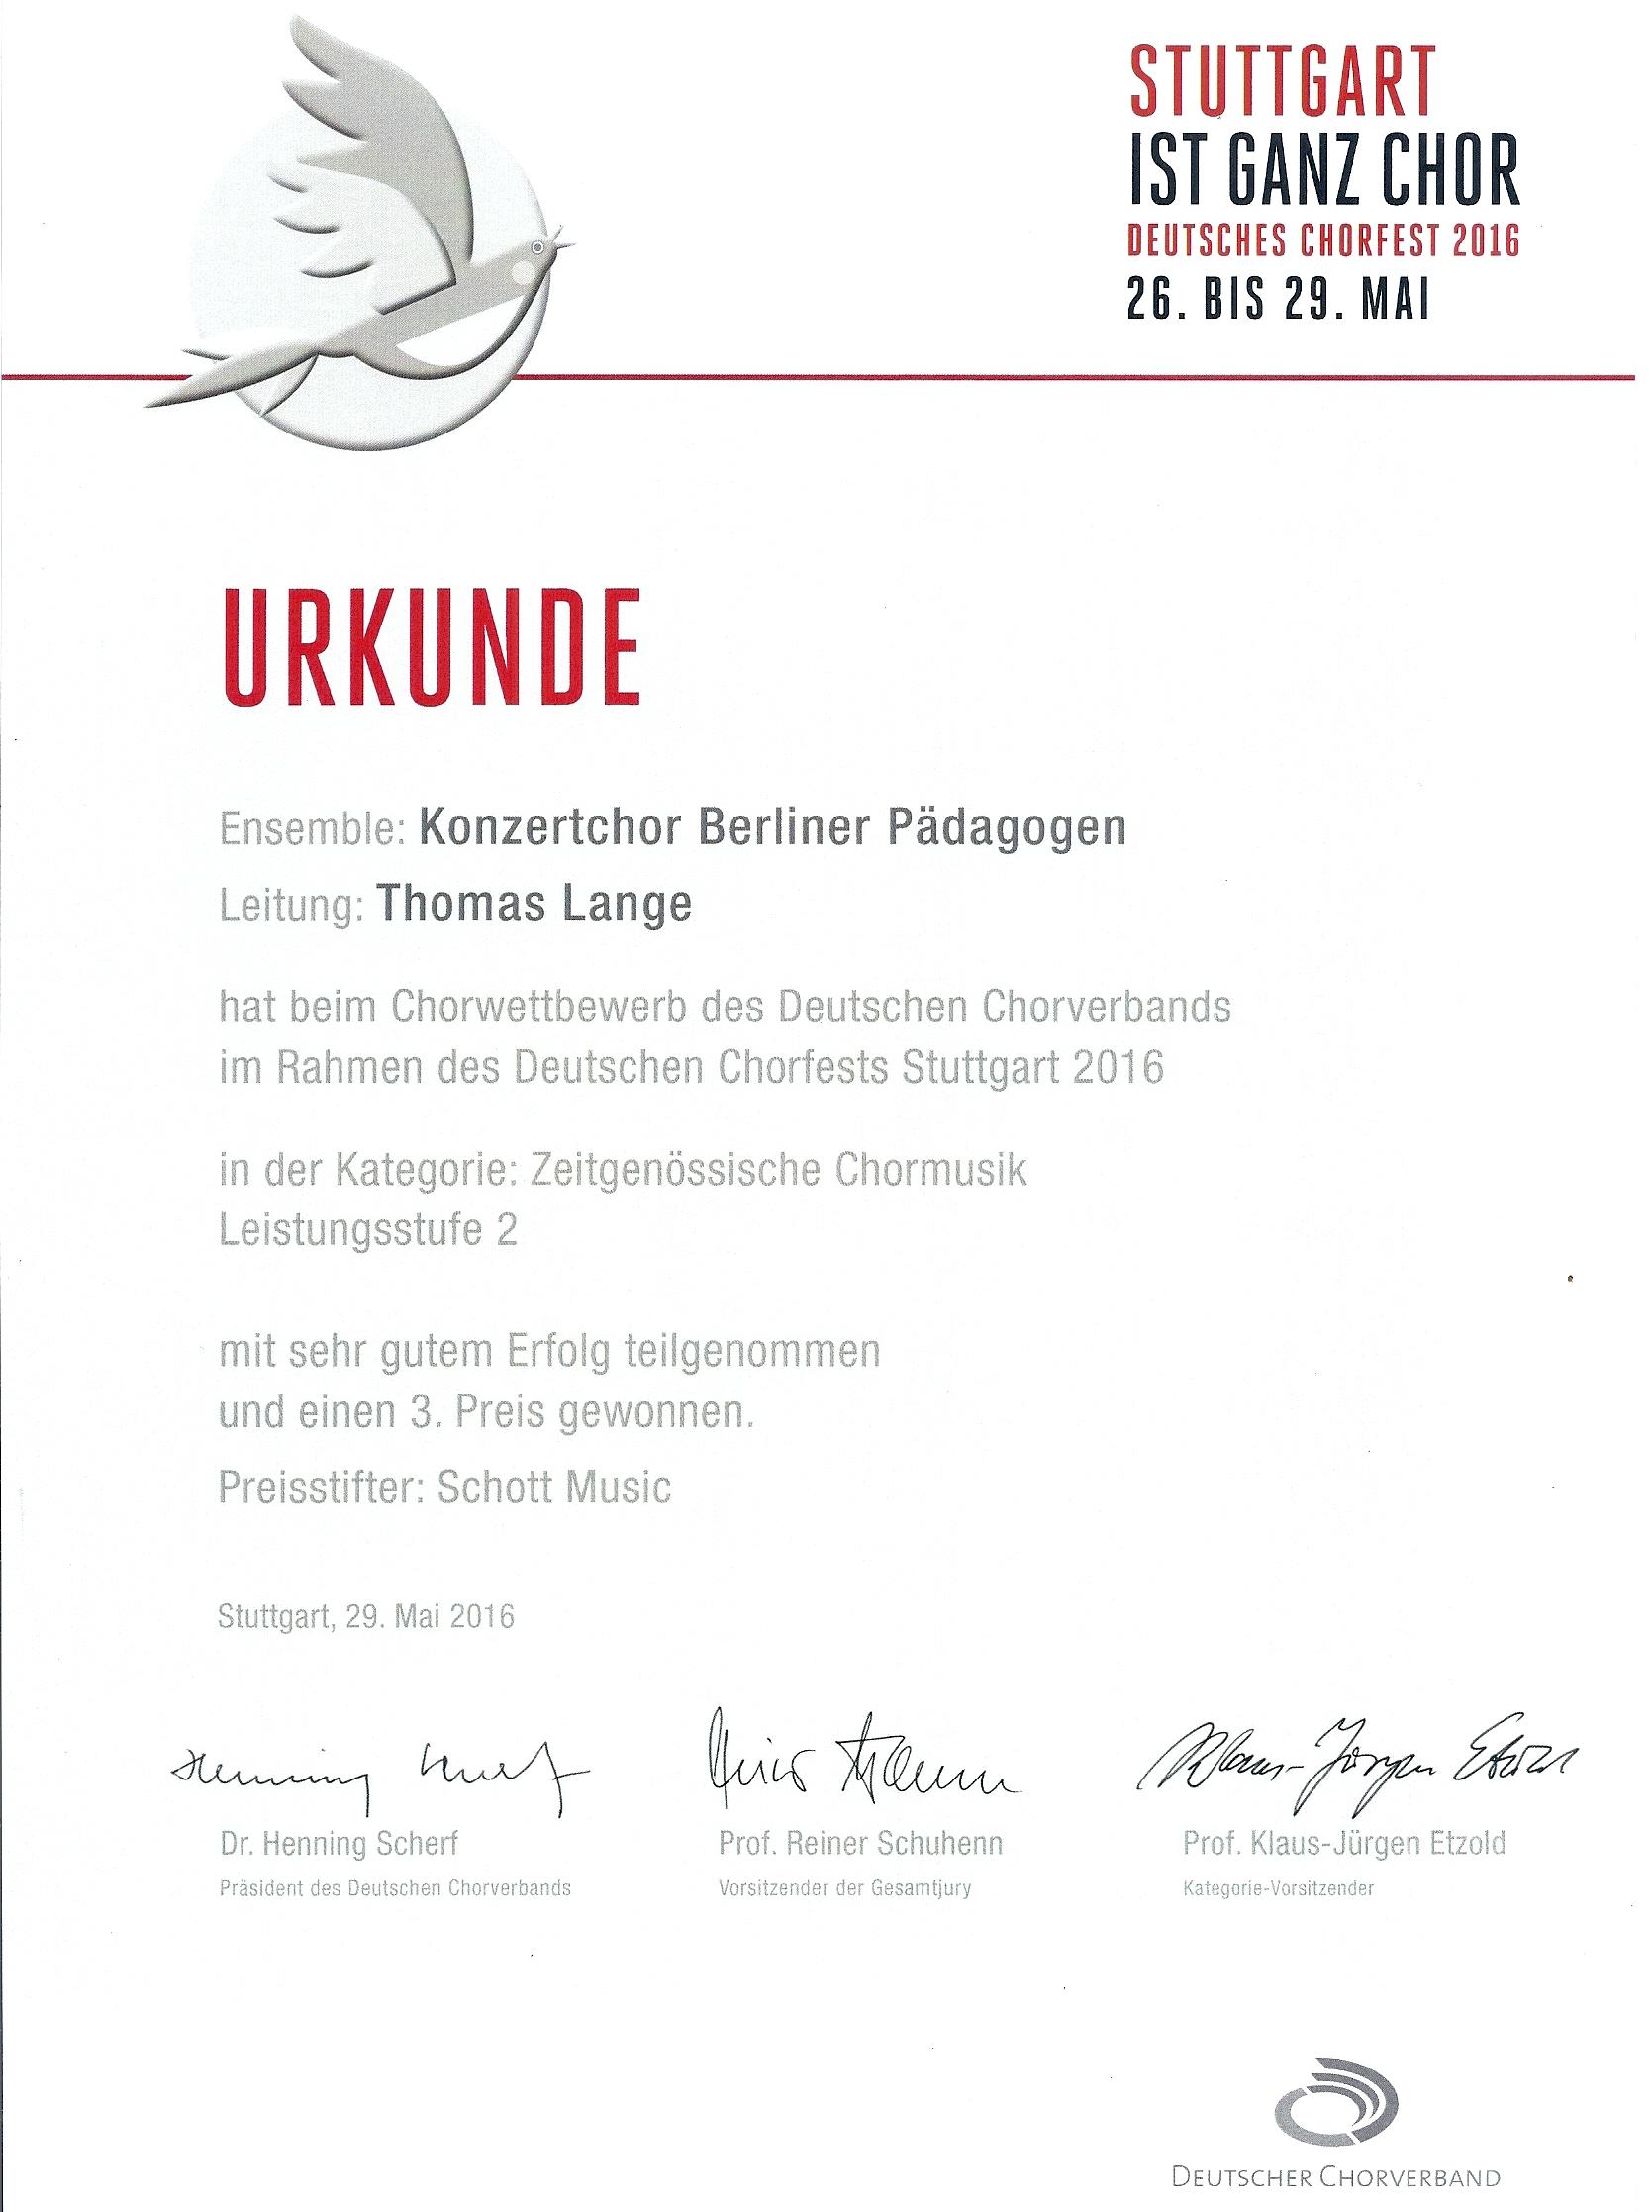 Urkunde Stuttgart als Bild